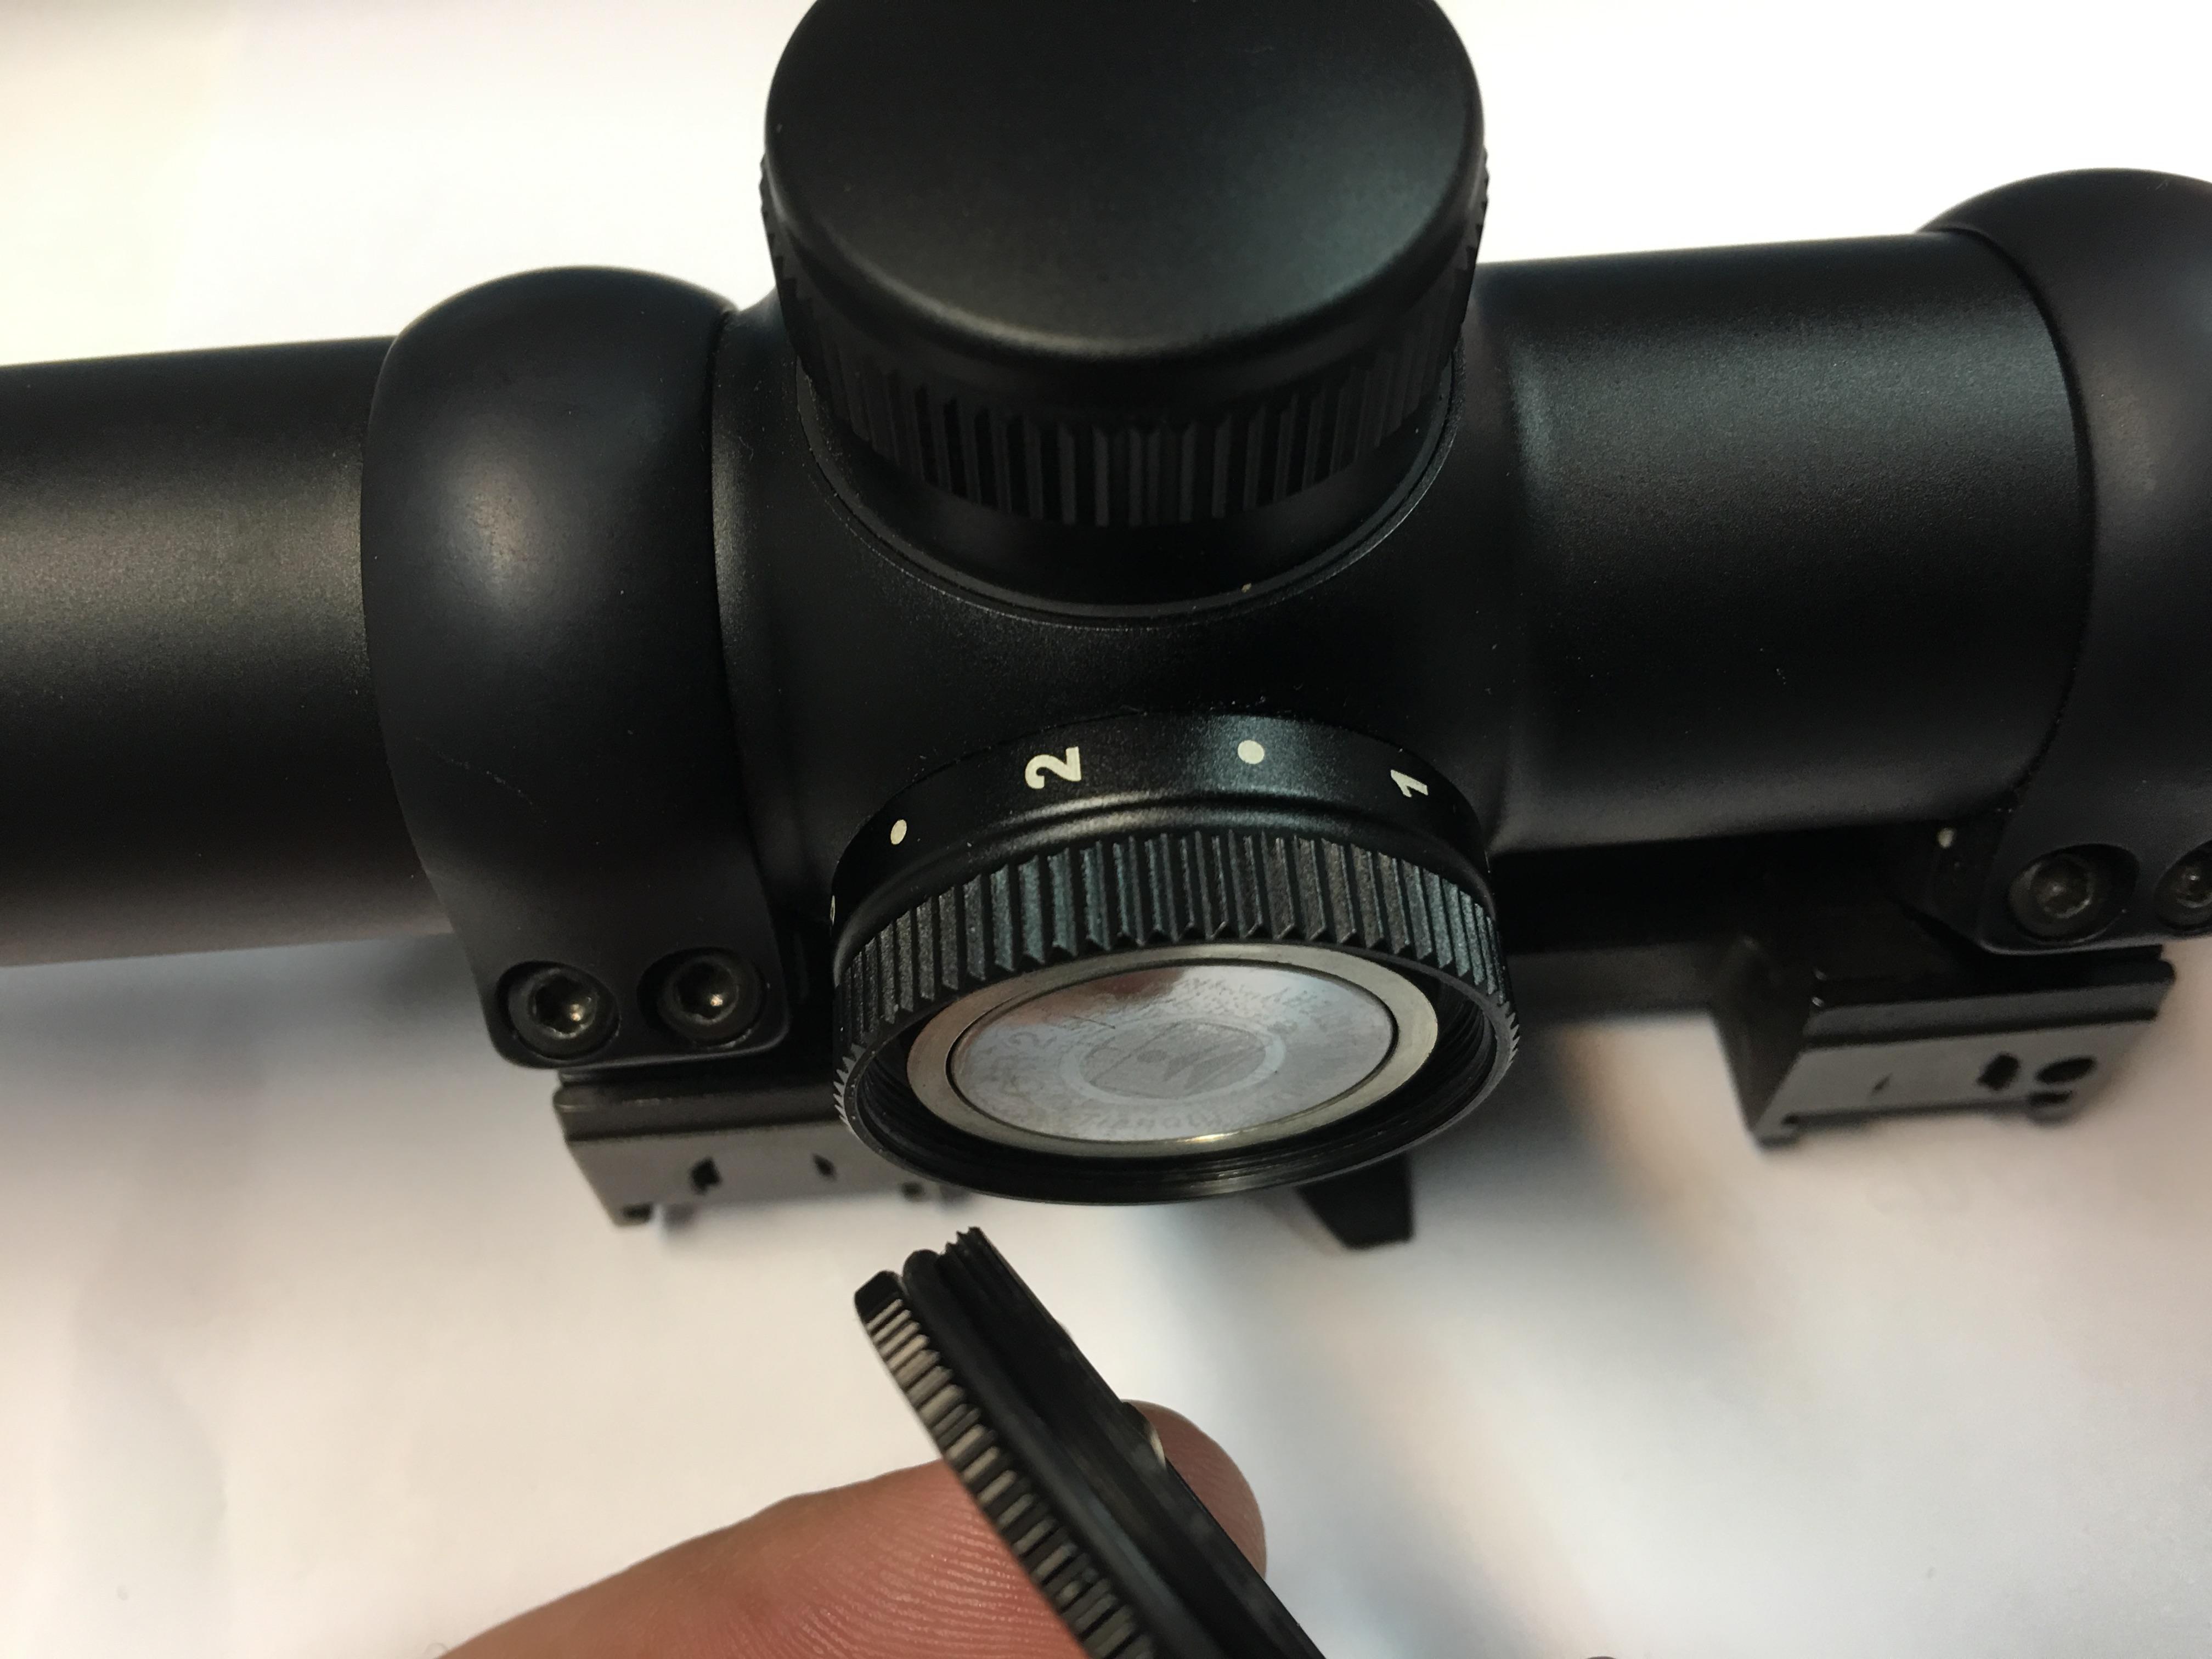 Das Batteriefach sitzt wie bei den meisten Zielfernrohren mit Beleuchtung im Stellknopf. Die Rändelungen am Batteriefach müssen zu einander verdreht werden. Also die breite Rändelung festhalten und die schmale aufdrehen.